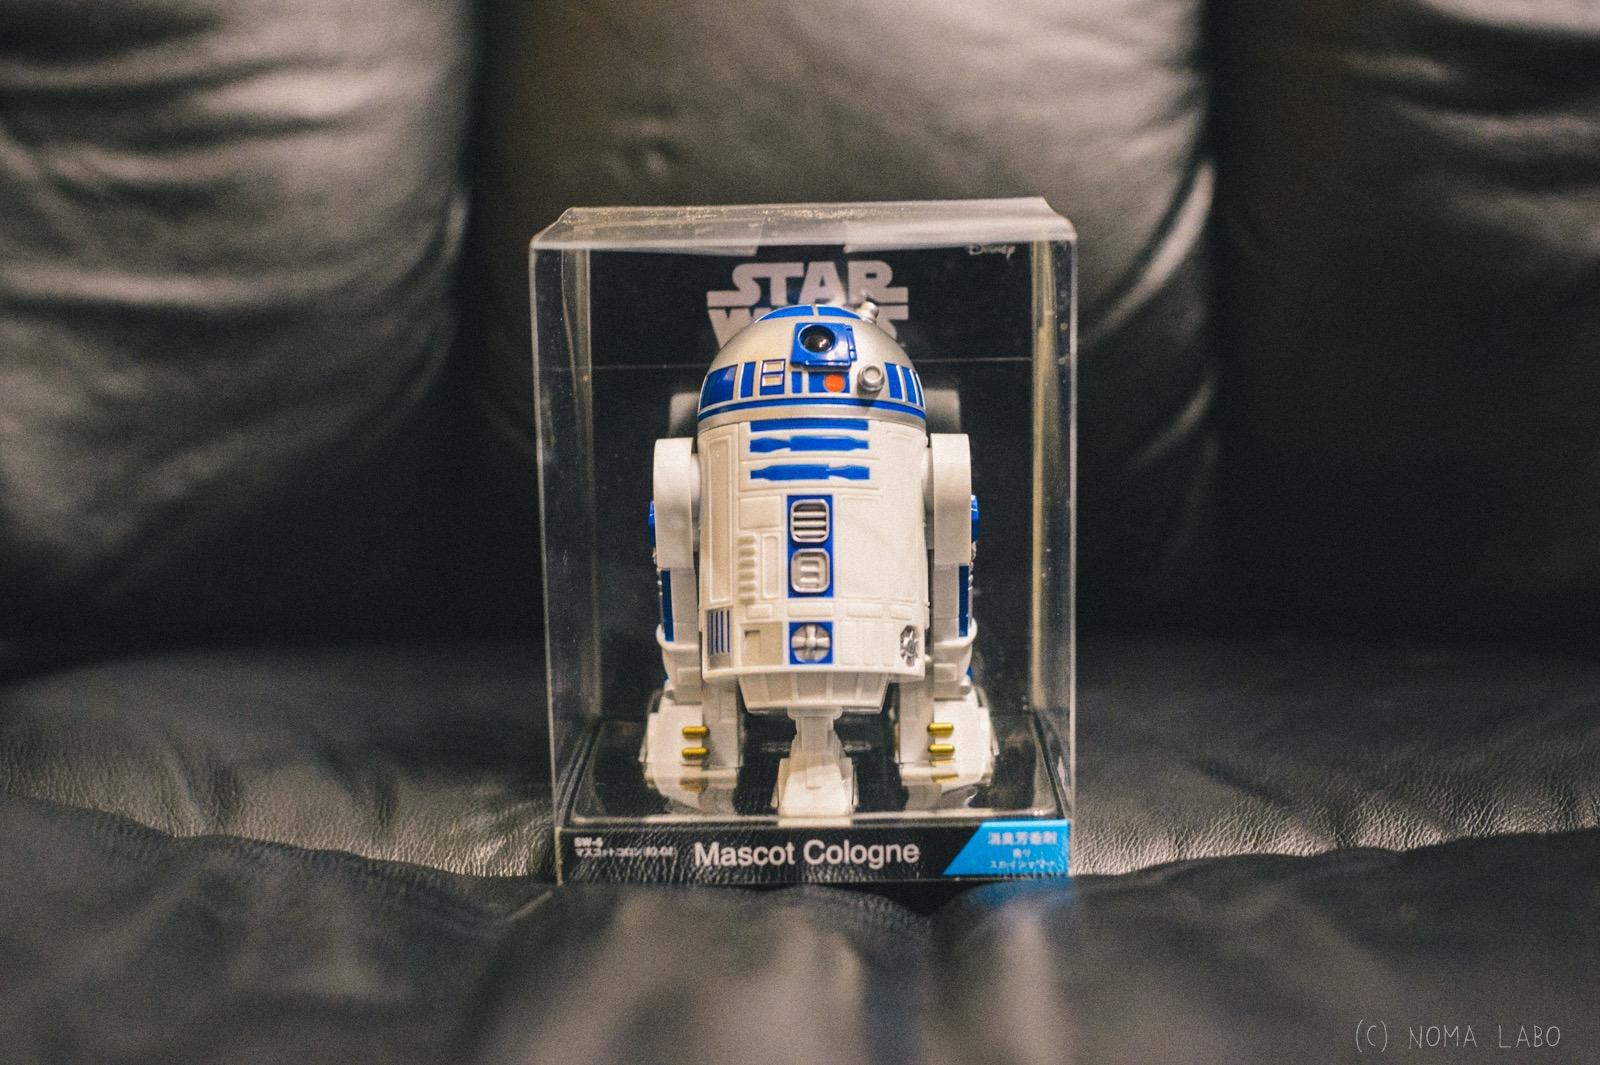 【 R2-D2 フィギュア型消臭剤 】R2-D2 は消臭もしてくれる。